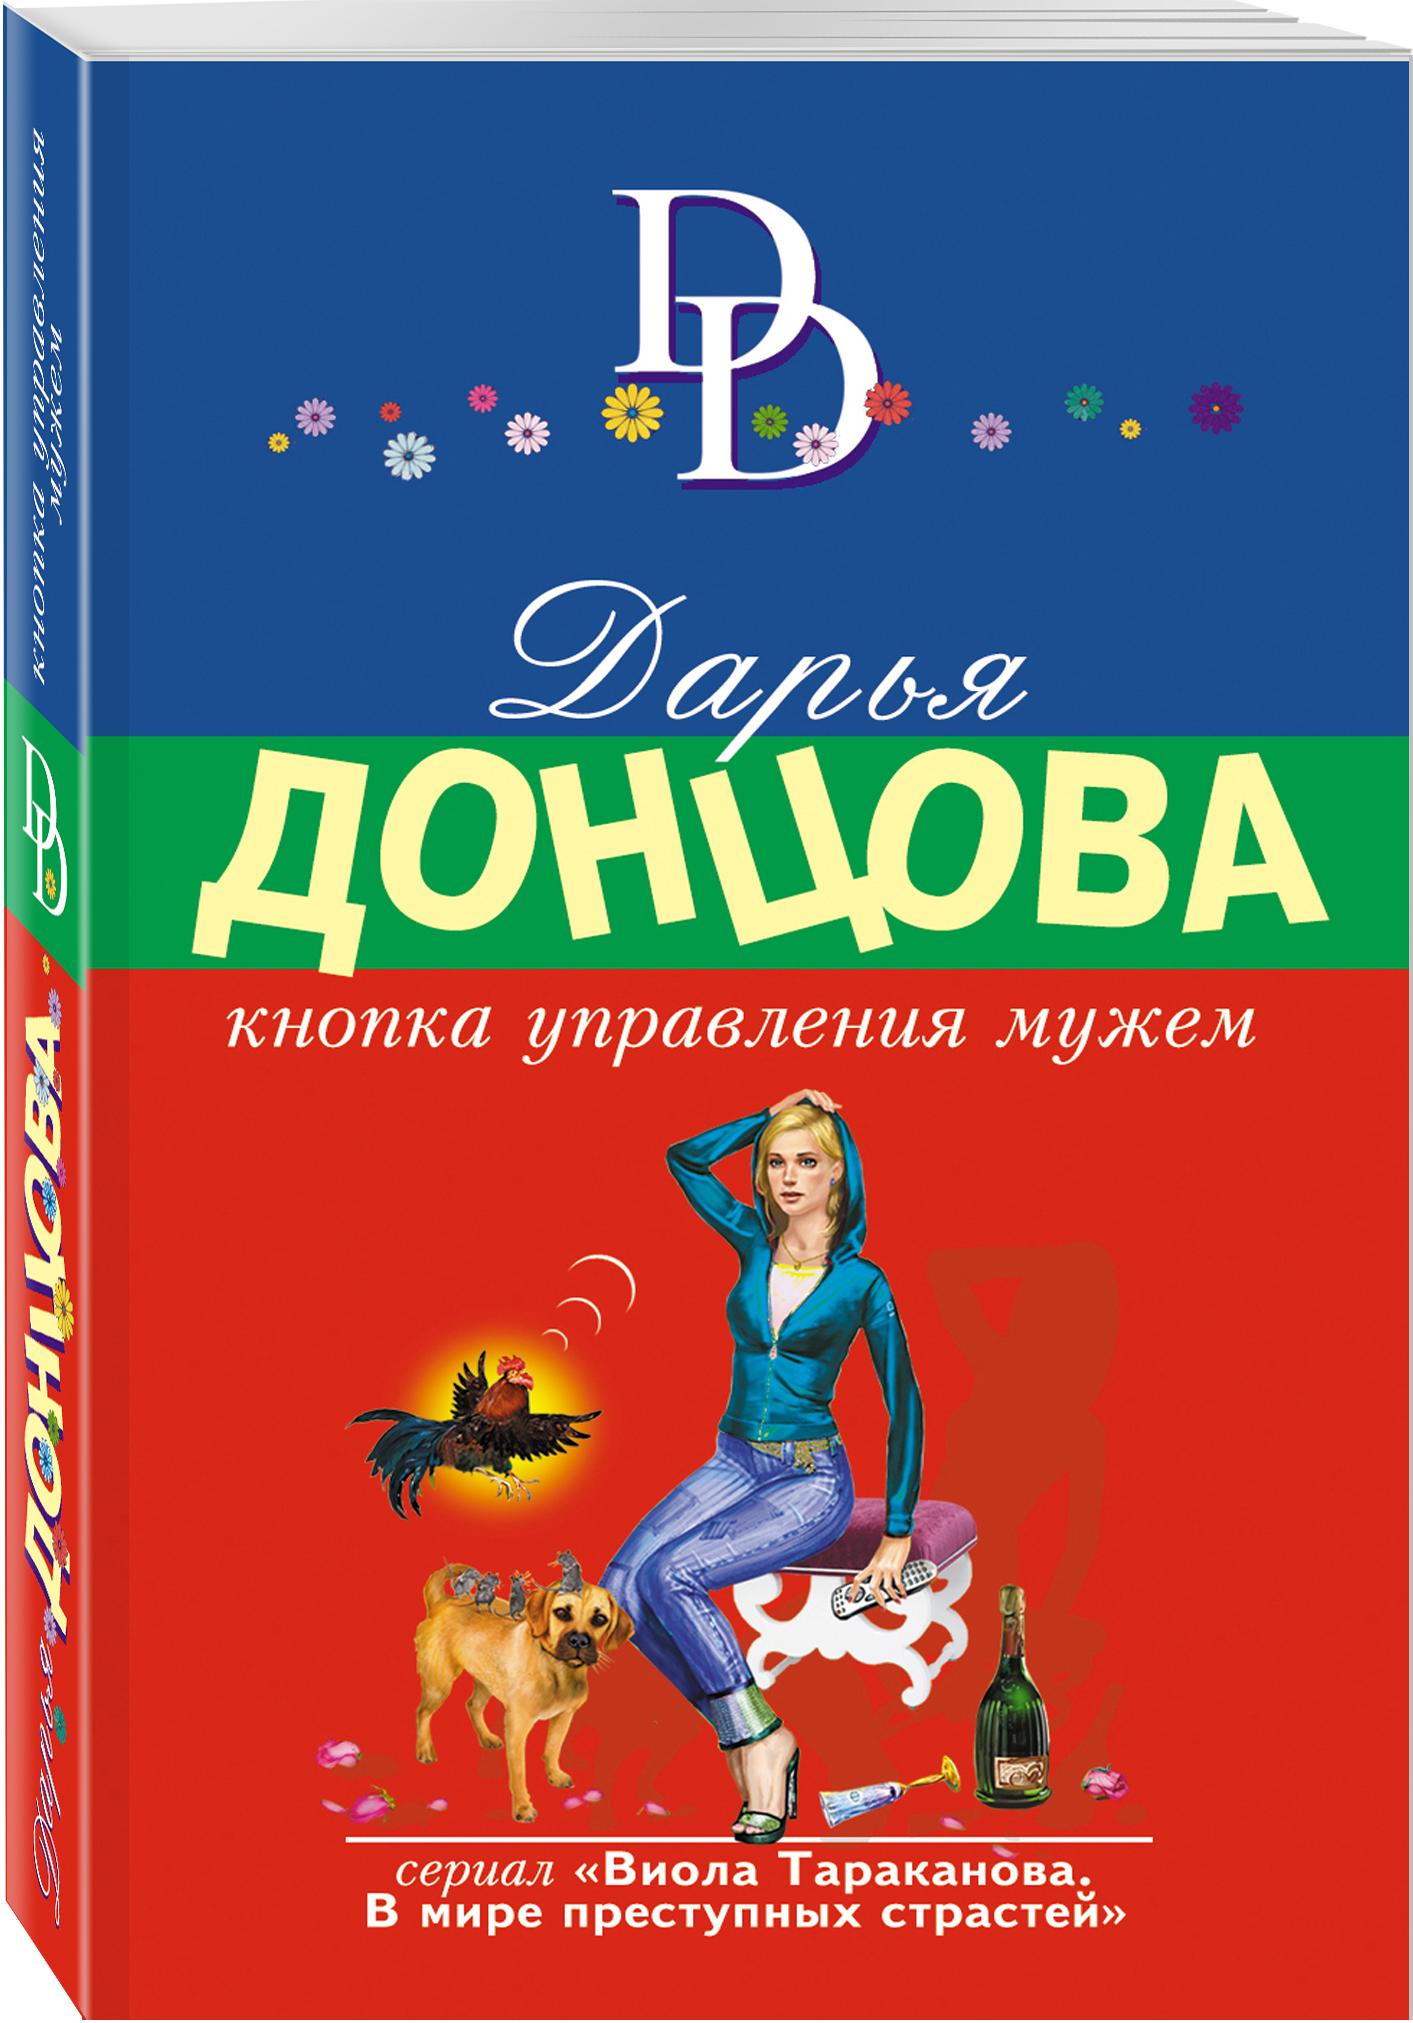 Донцова Дарья Аркадьевна Кнопка управления мужем